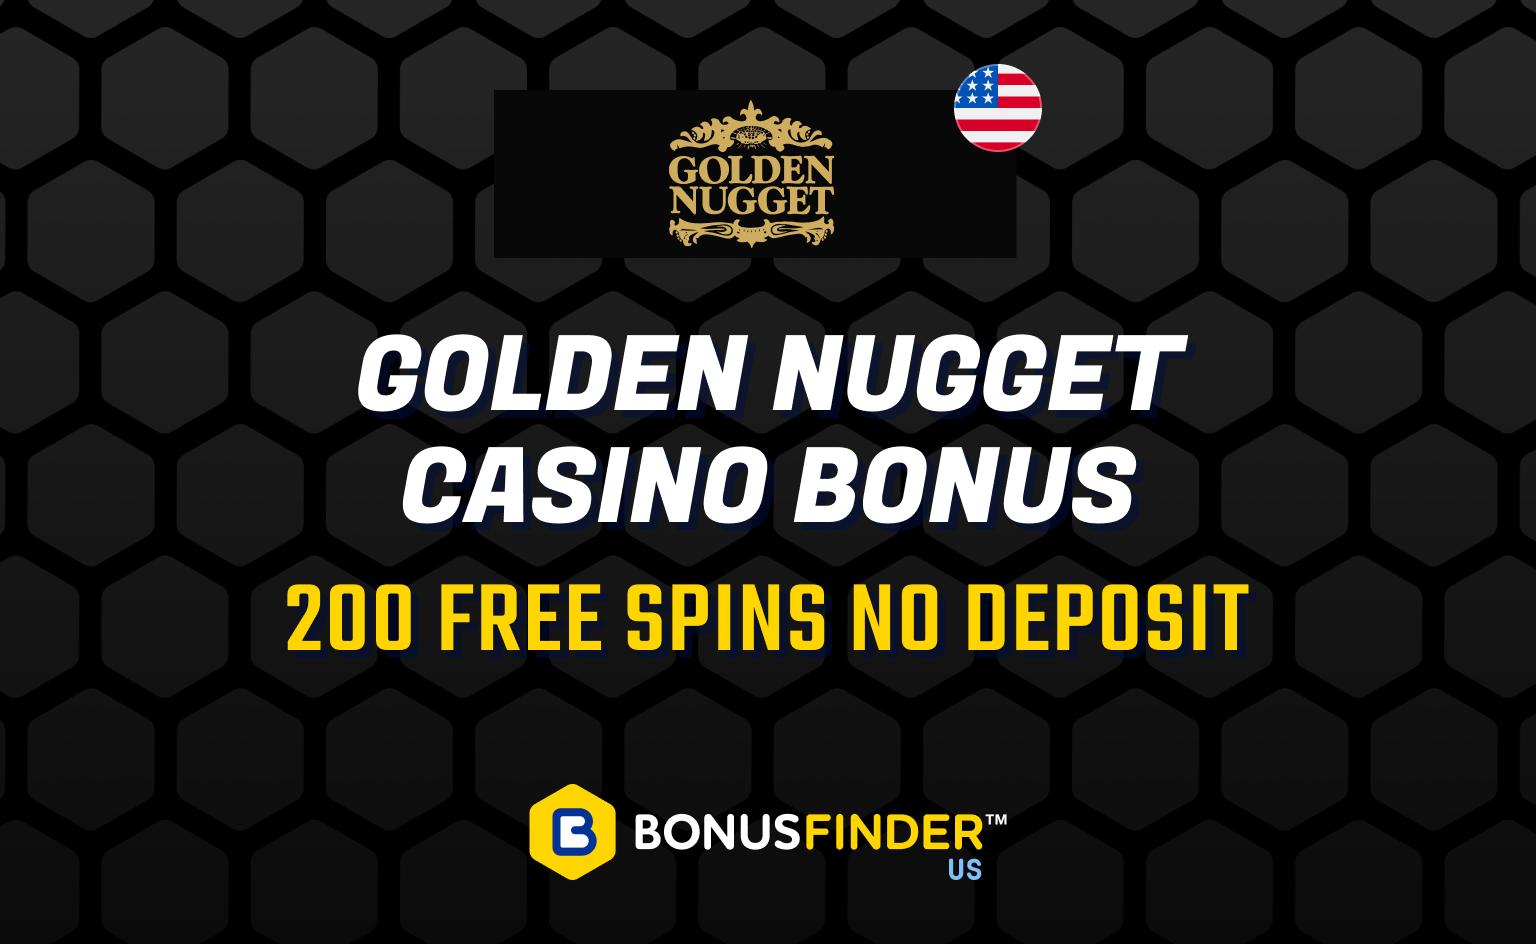 Golden Nugget Online Casino Bonus Code